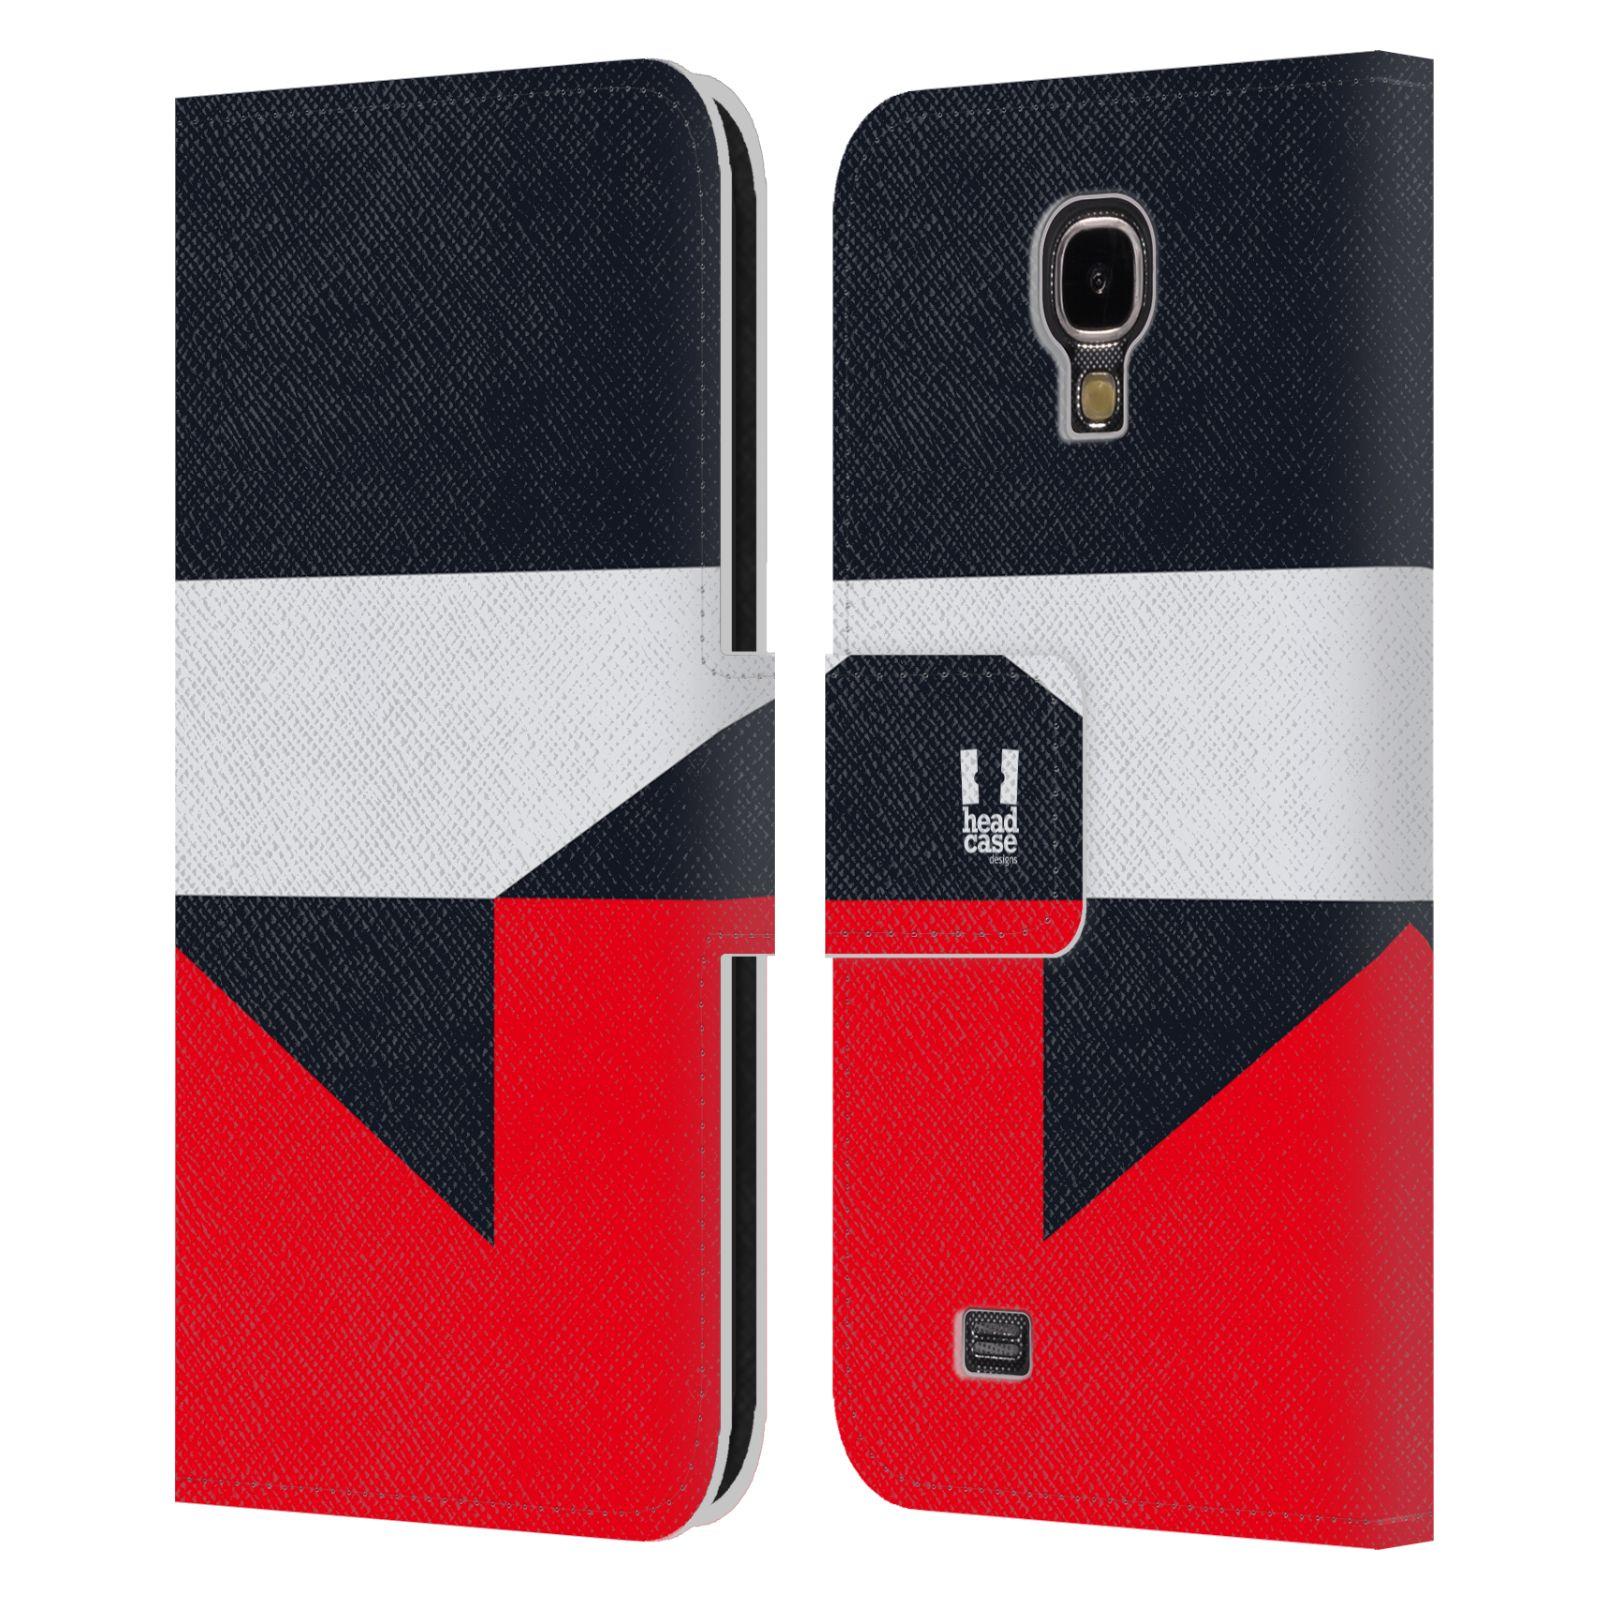 HEAD CASE Flipové pouzdro pro mobil Samsung Galaxy S4 I9500 barevné tvary černá a červená gejša